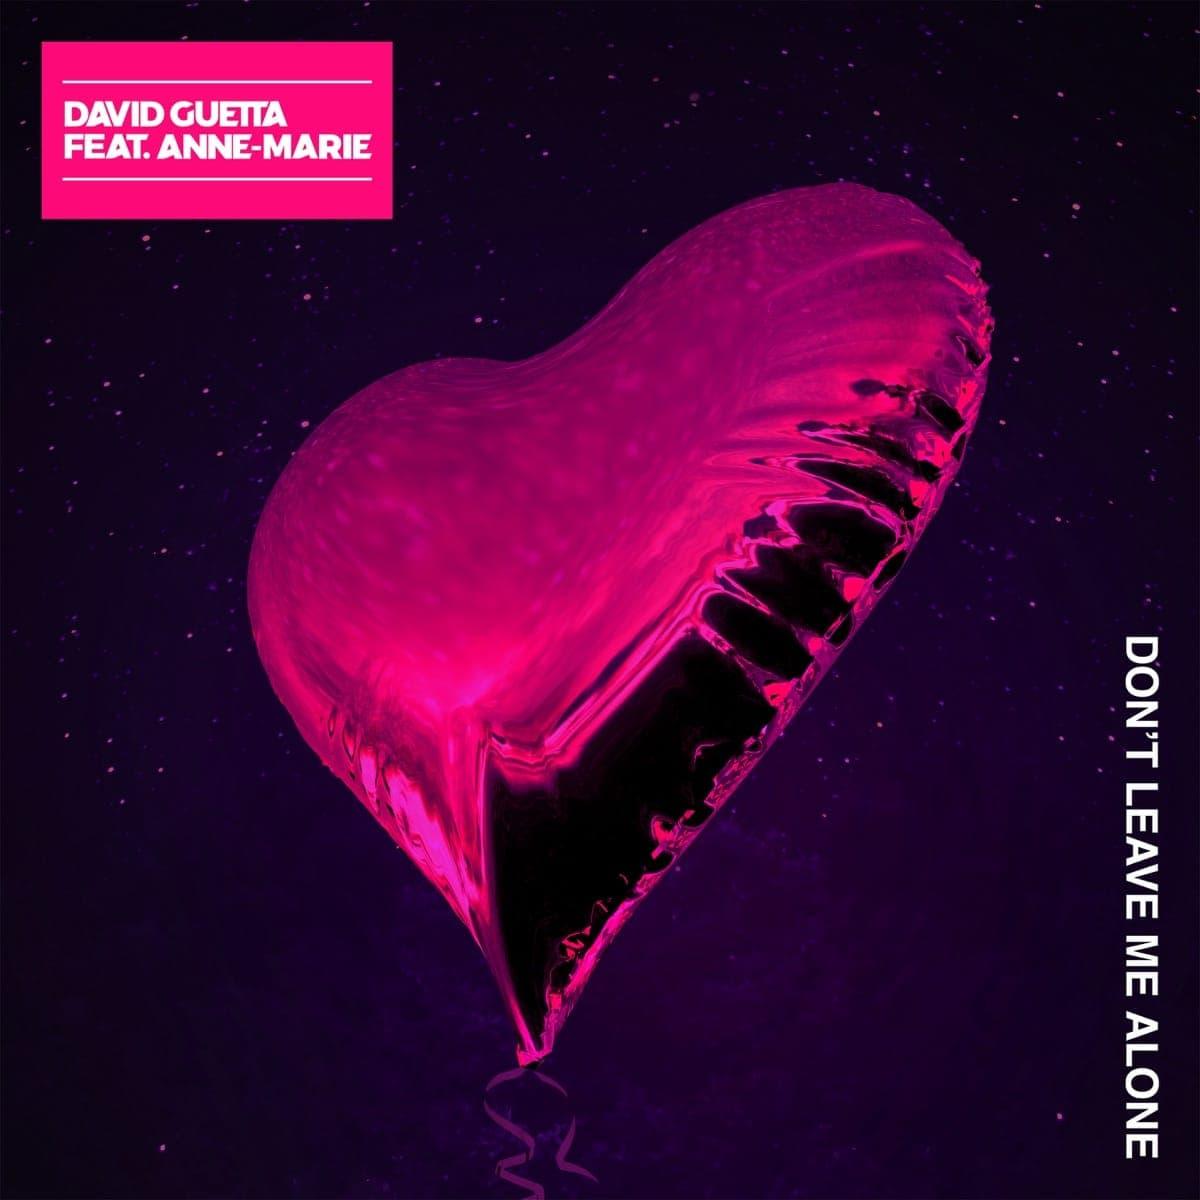 Don't Leave Me Alone - David Guetta & Anne-Marie